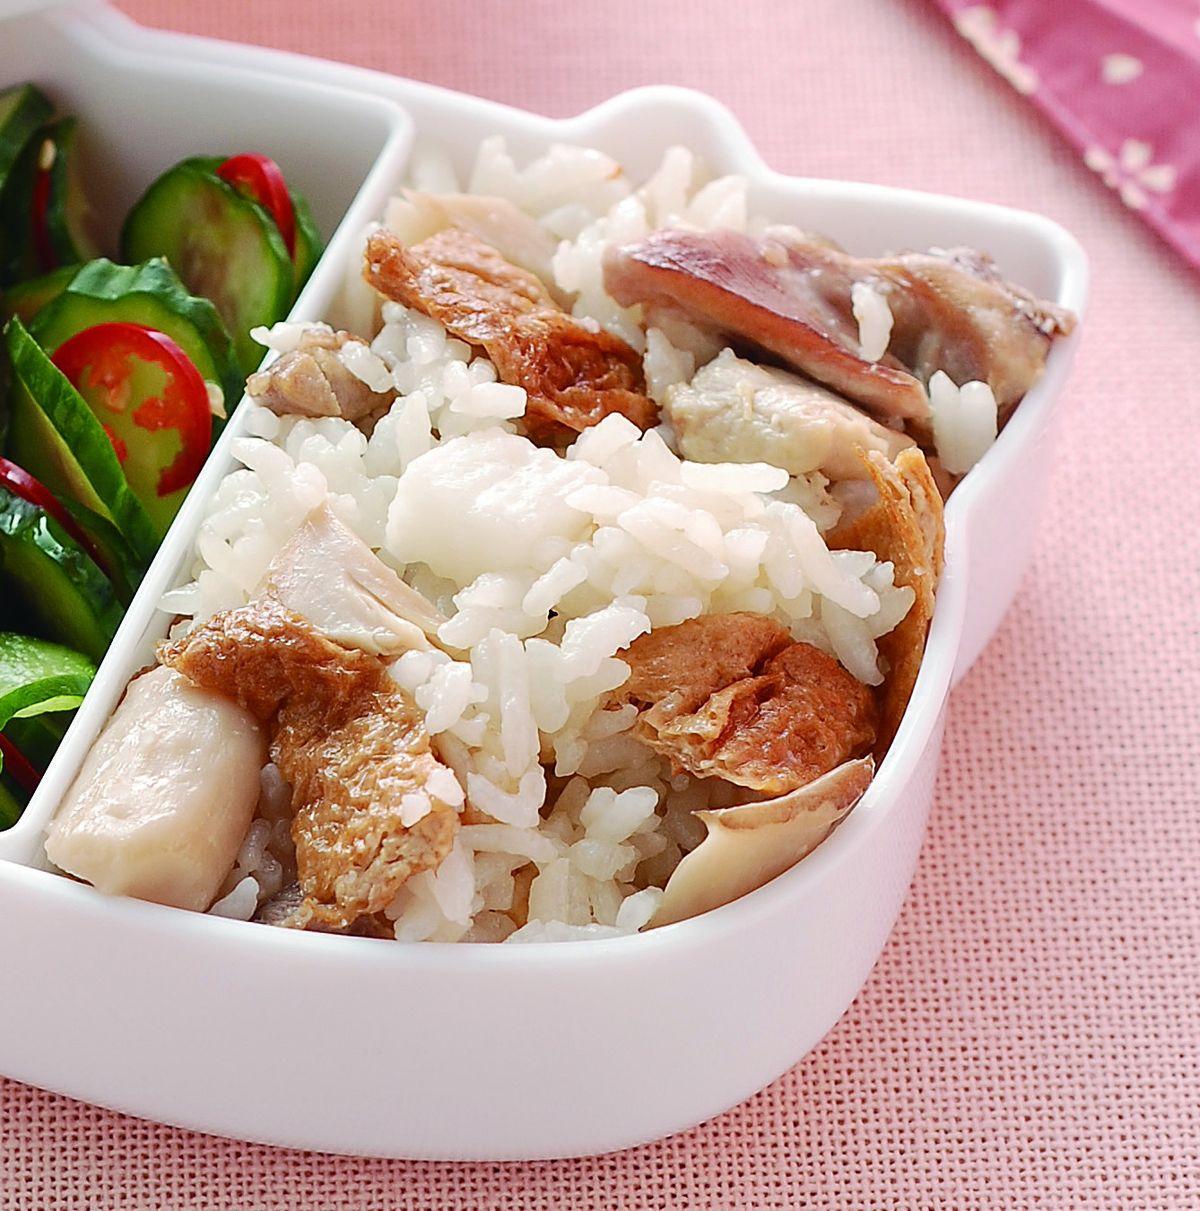 食譜:鮮菇雞肉豆皮炊飯